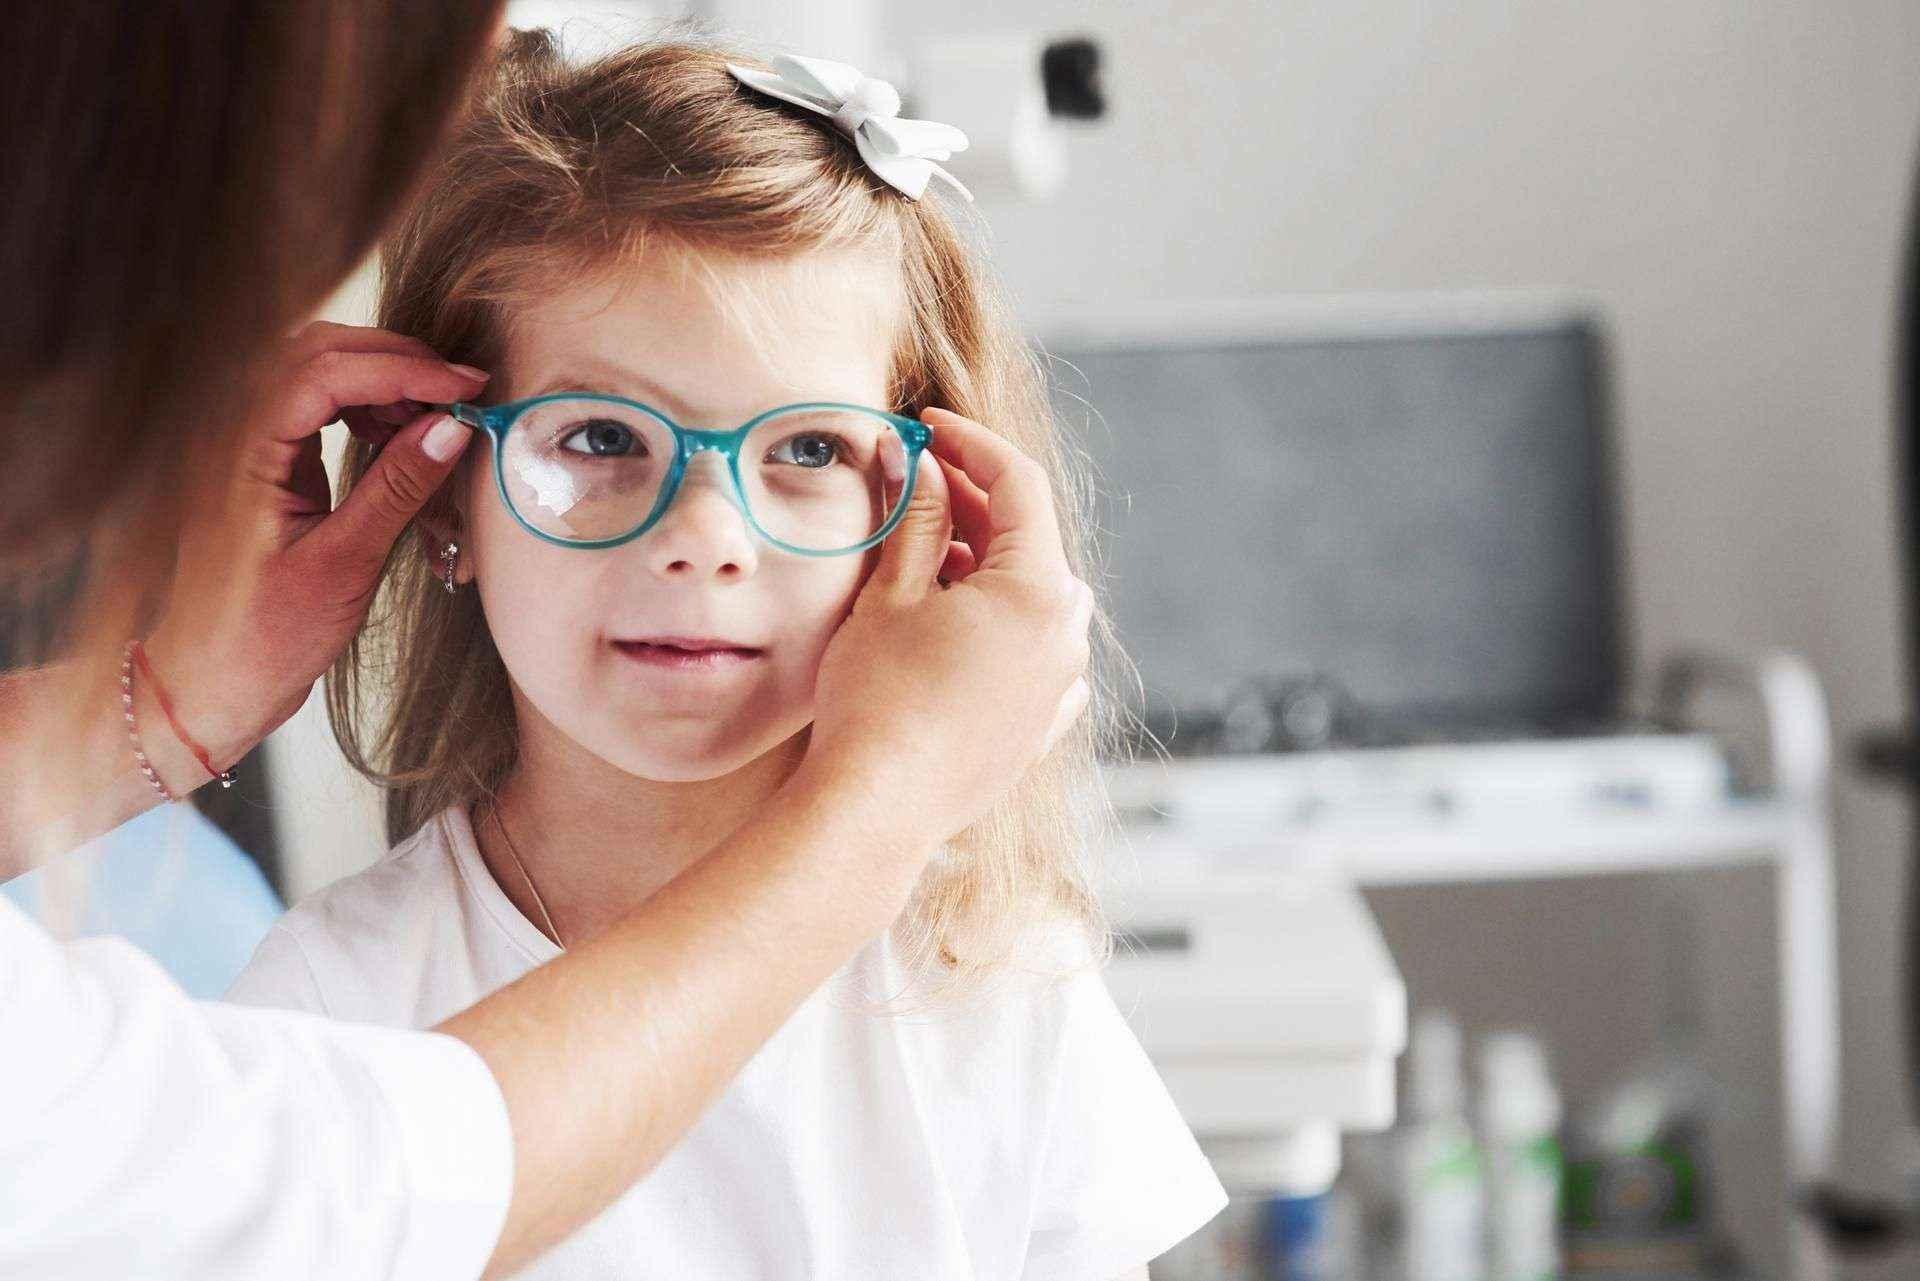 Los problemas de visión, un obstáculo en el desarrollo escolar, según Mejor Visión